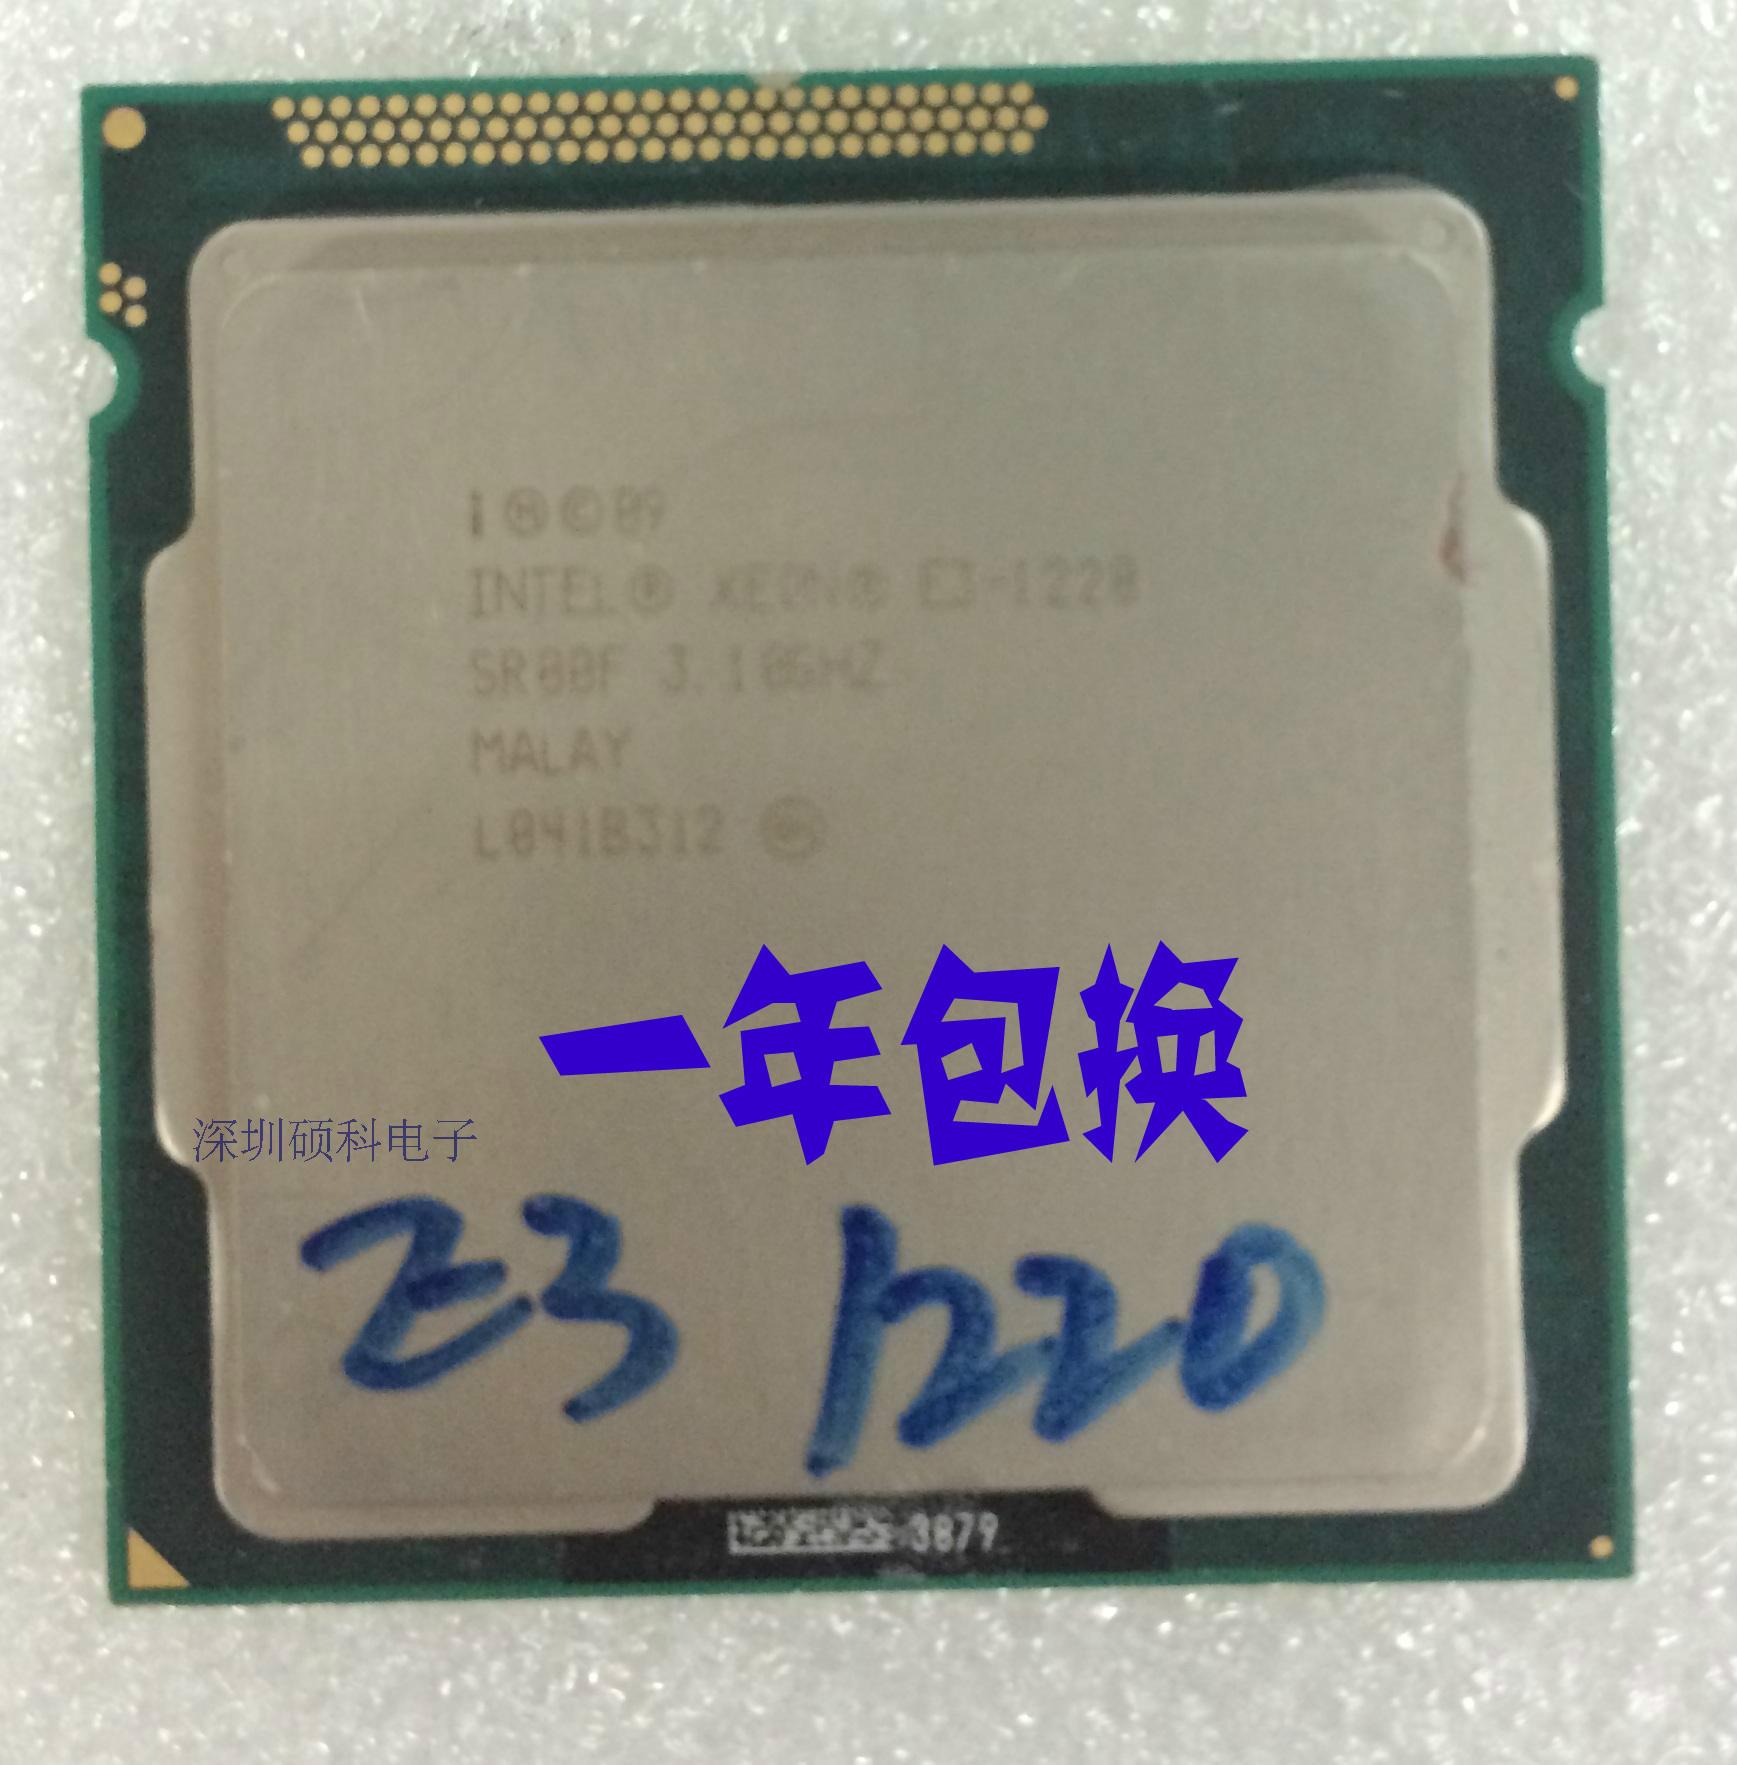 475 00 dell poweredge r210 ii processor intel xeon e3 c 8t 3